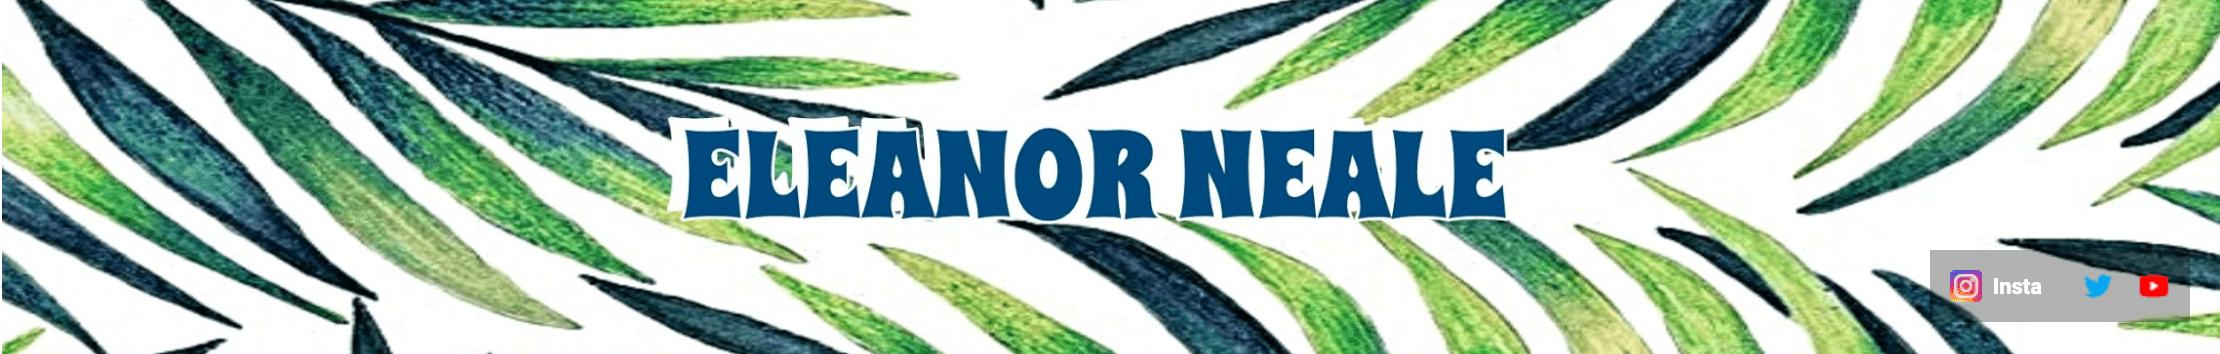 Get the best VPN deal with NordVPN